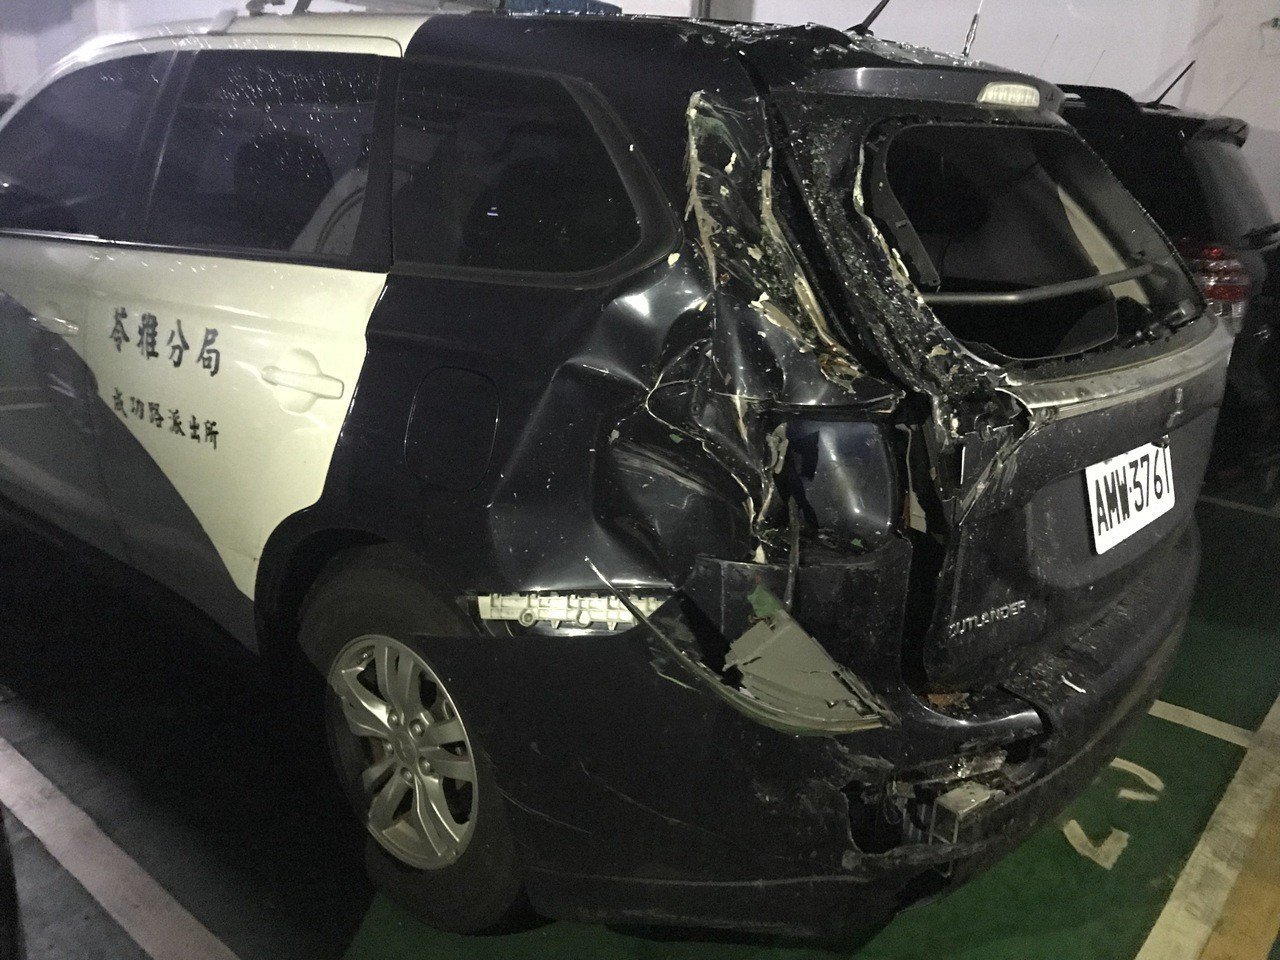 高市苓雅警分局成功路派出所員警今下午前往楠梓靶場訓練途中,遭後方槽車撞上,車子左...